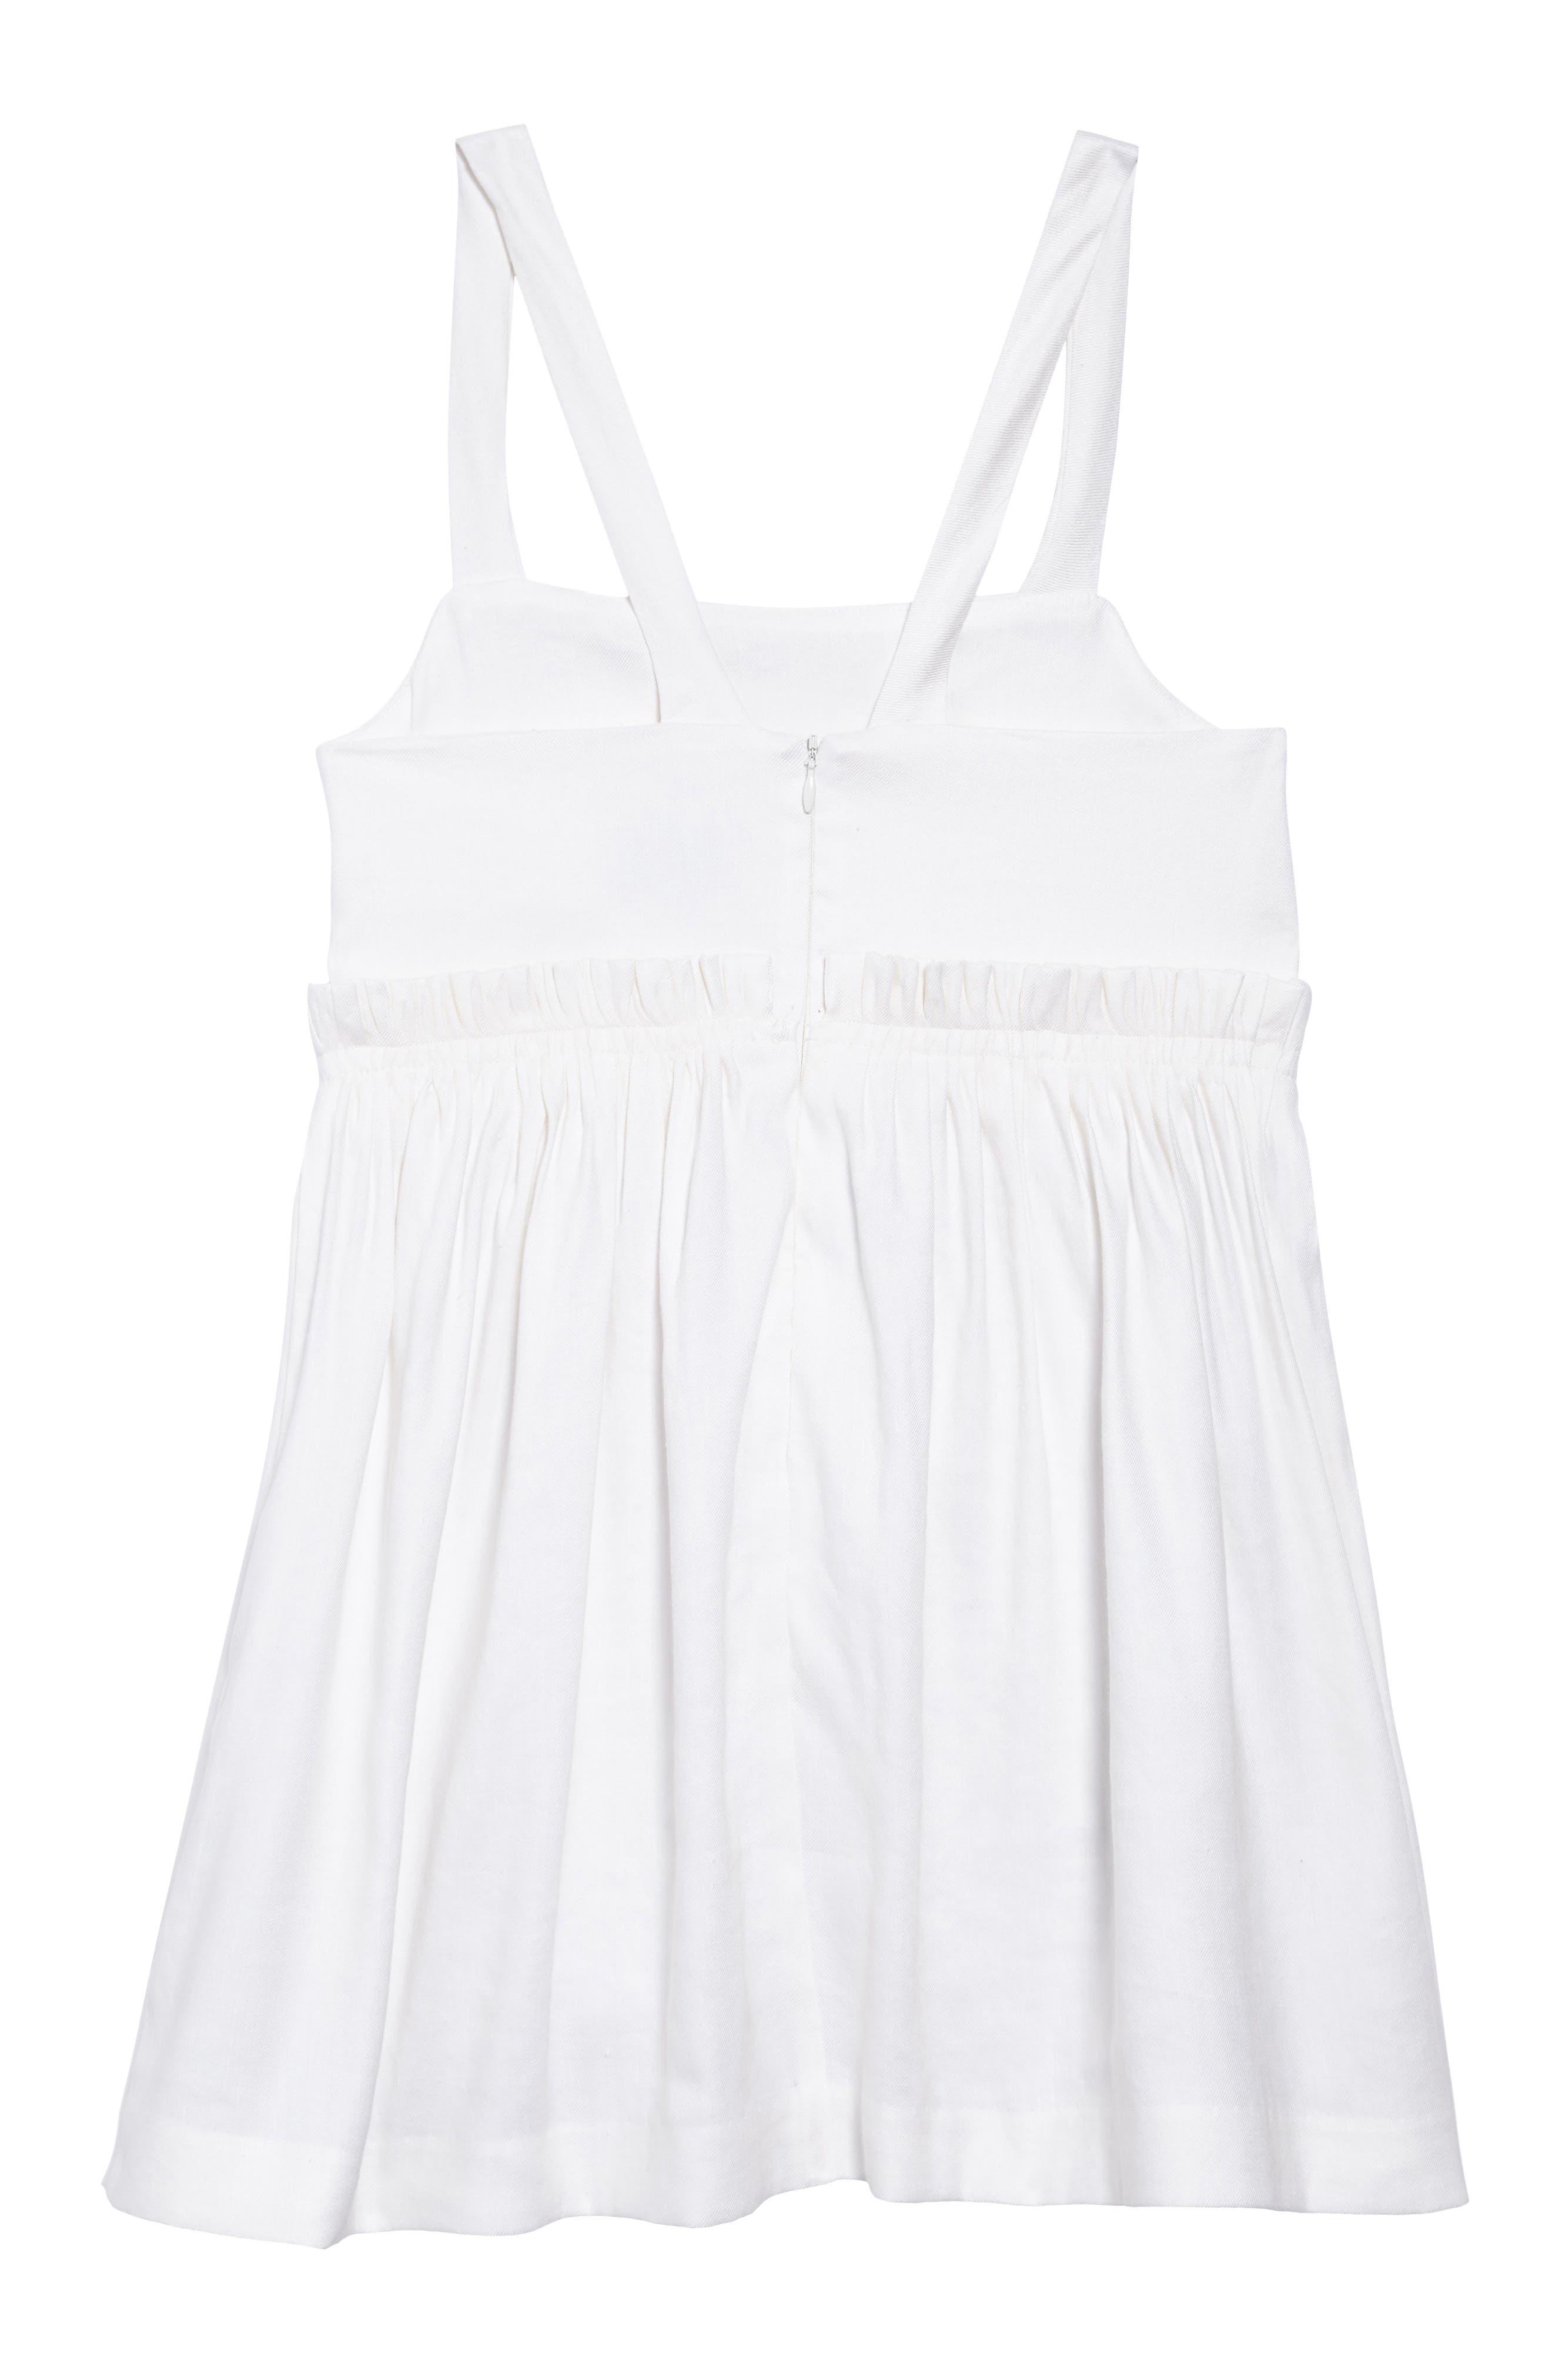 Jenny Linen Blend Dress,                             Alternate thumbnail 2, color,                             White